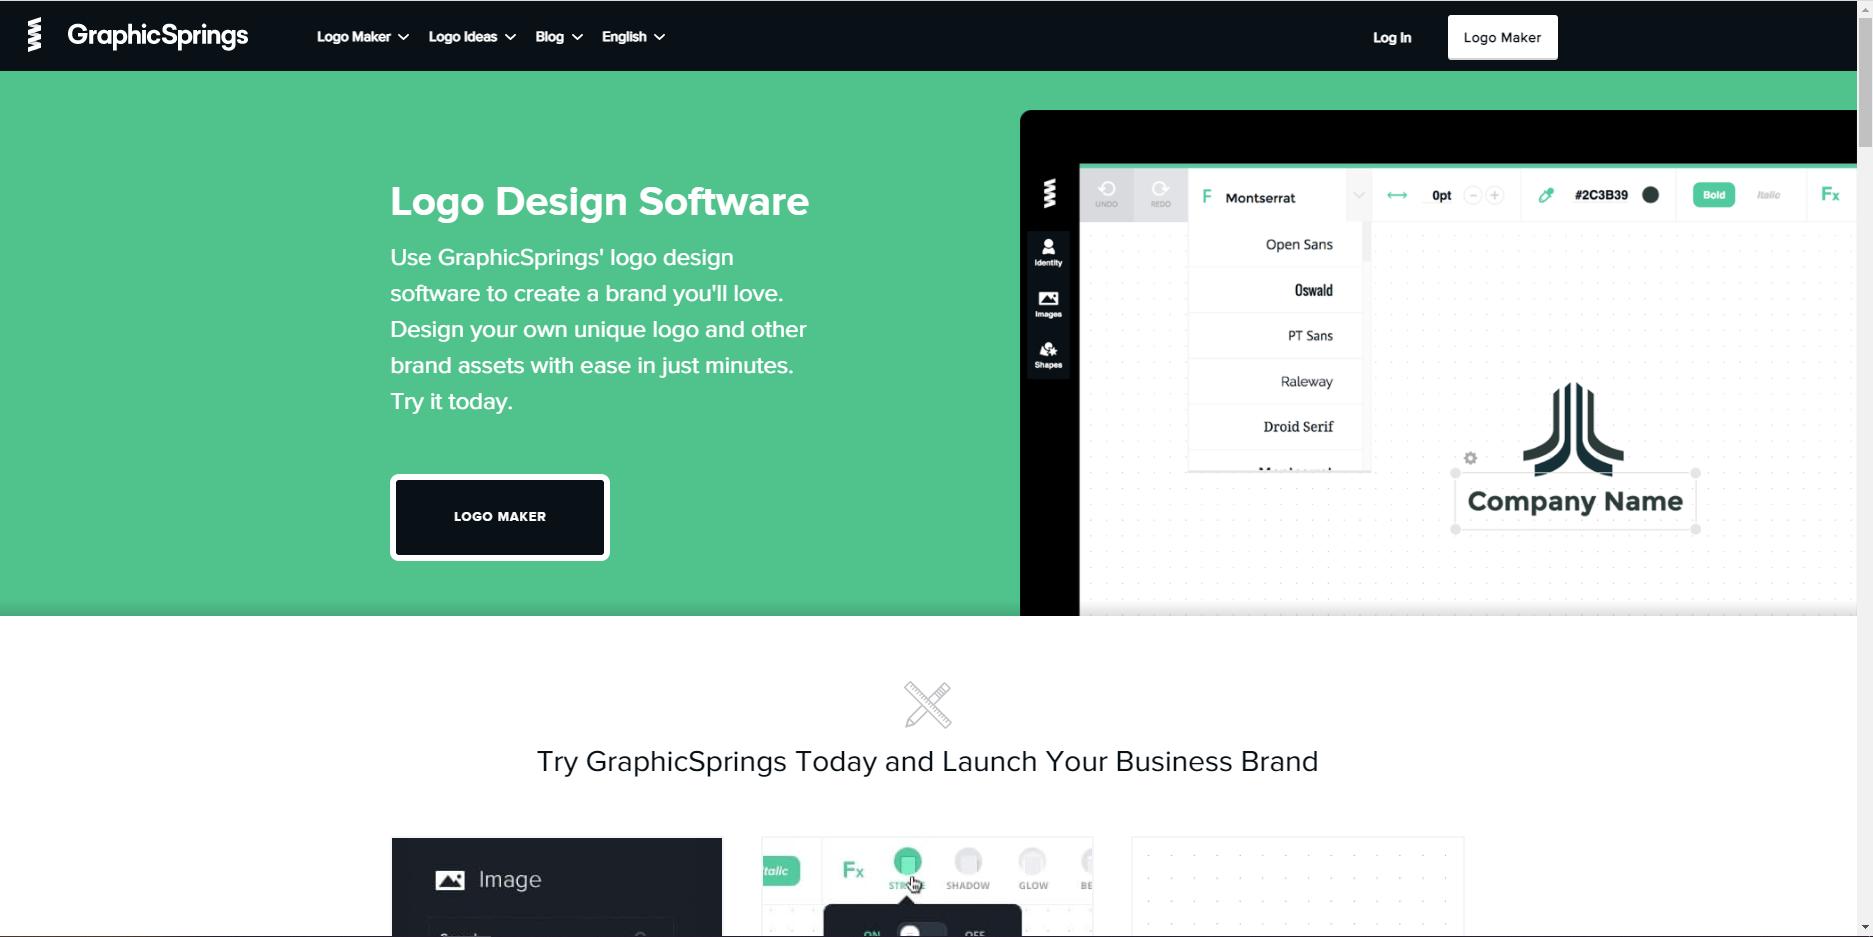 Công cụ thiết kế logo - GraphicSprings